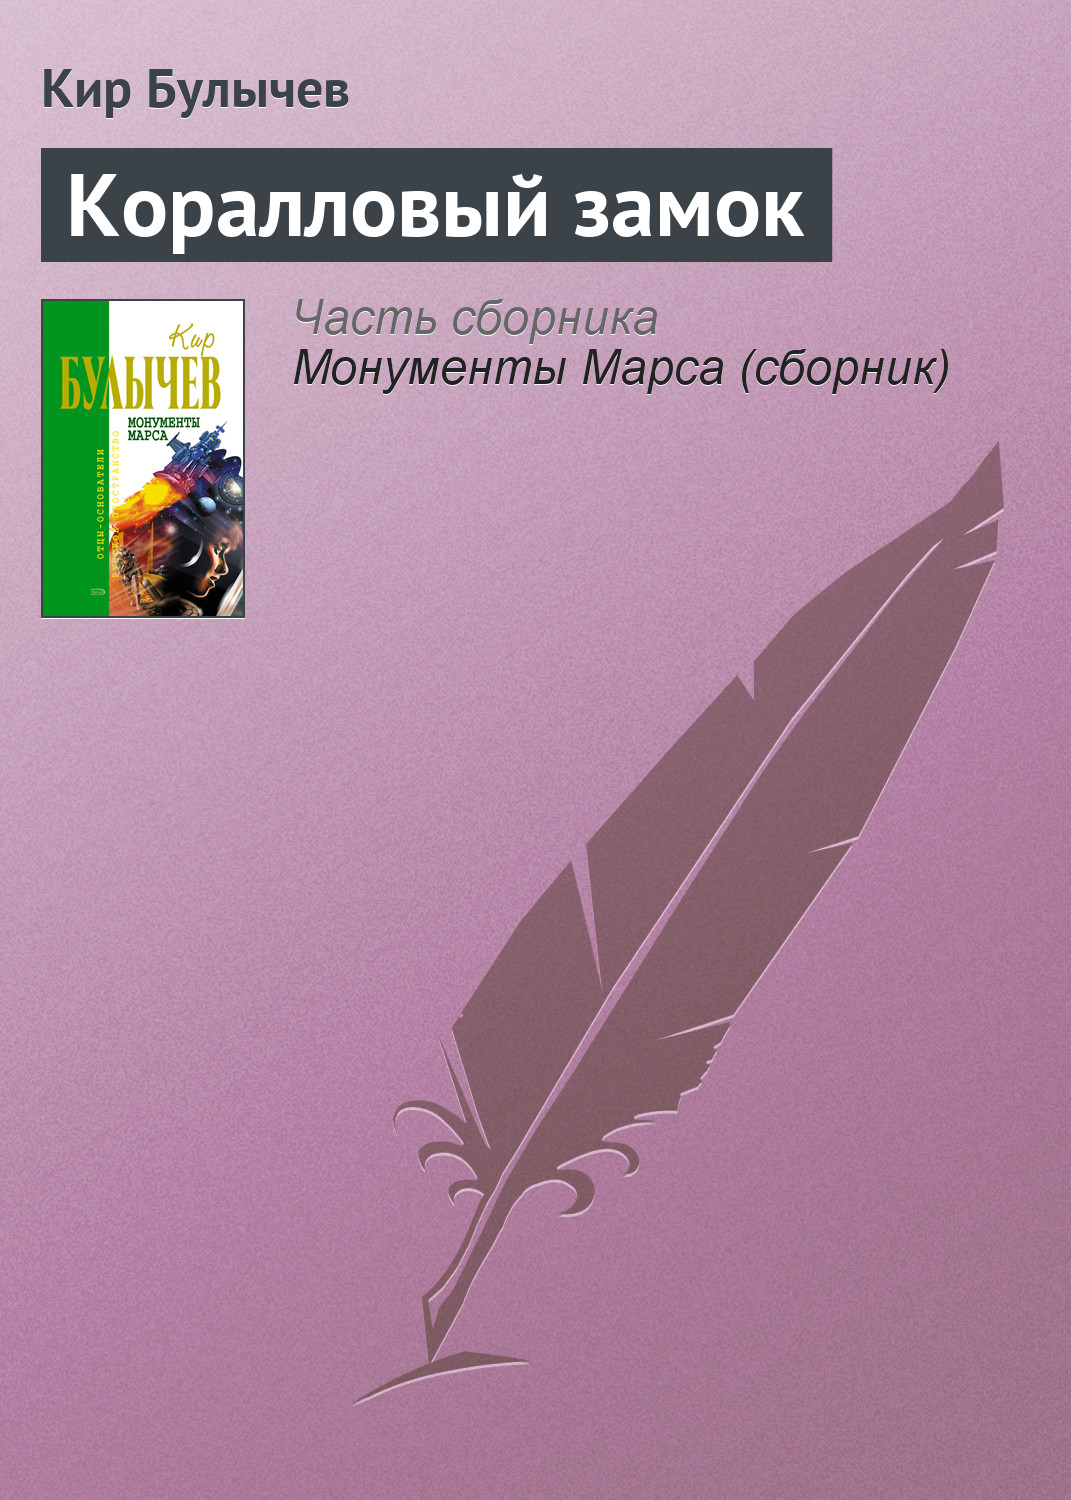 Кир Булычев Коралловый замок булычев к последняя война поселок